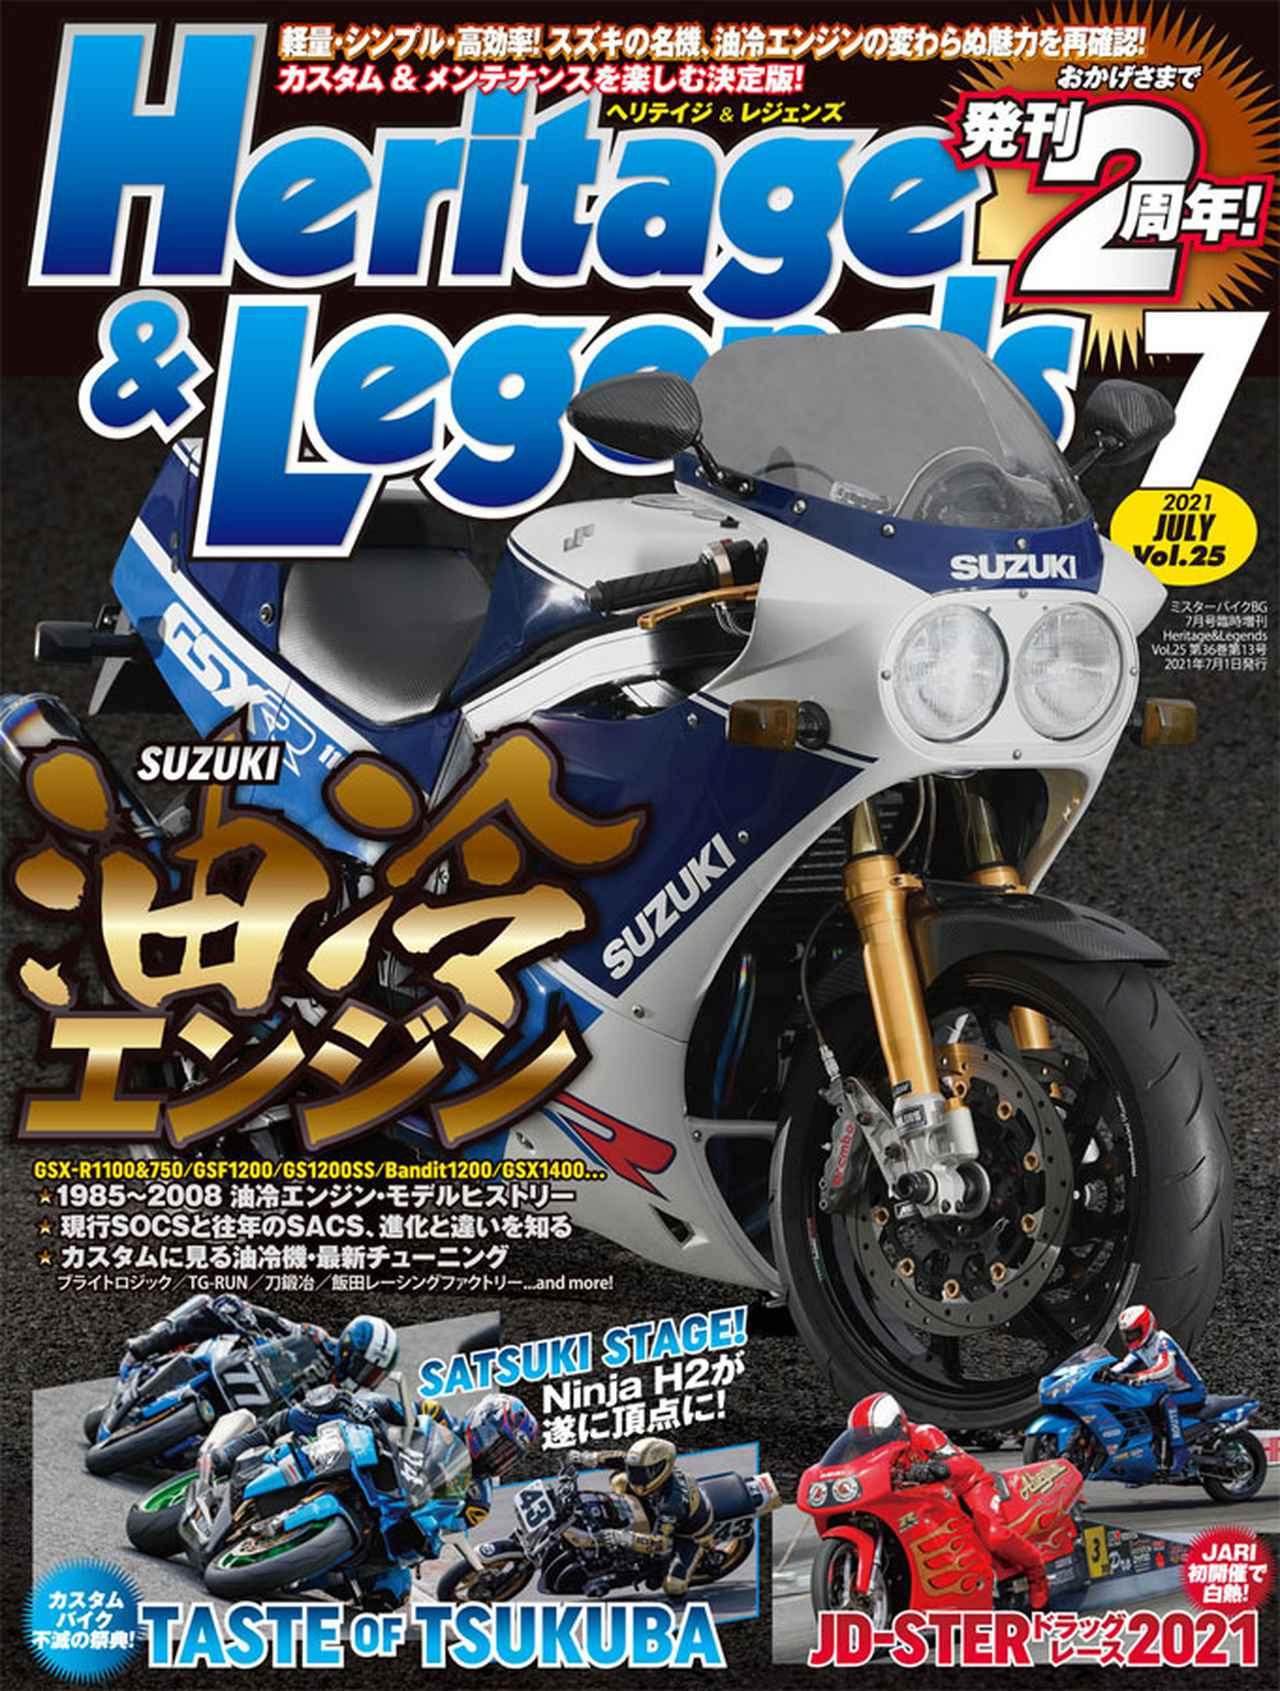 画像: 月刊『ヘリテイジ&レジェンズ』2021年7月号(Vol.25)好評発売中!| ヘリテイジ&レジェンズ|Heritage& Legends